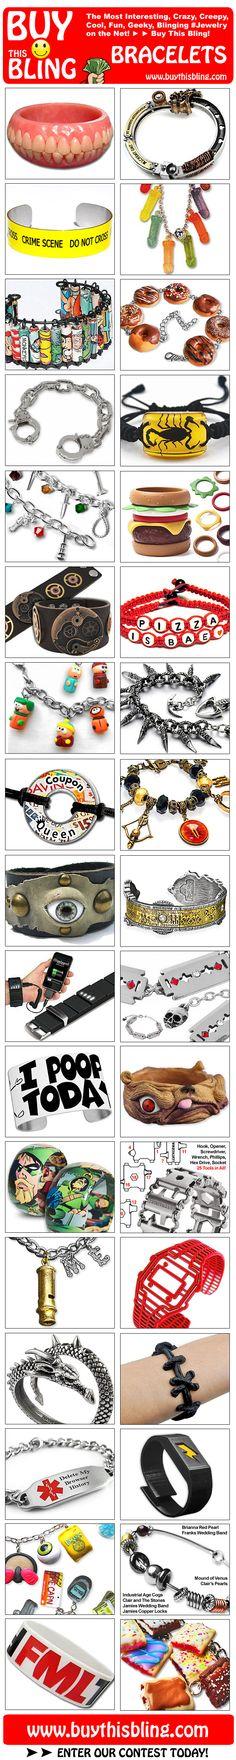 Bling Bling Bracelets from Buy This Bling! :)